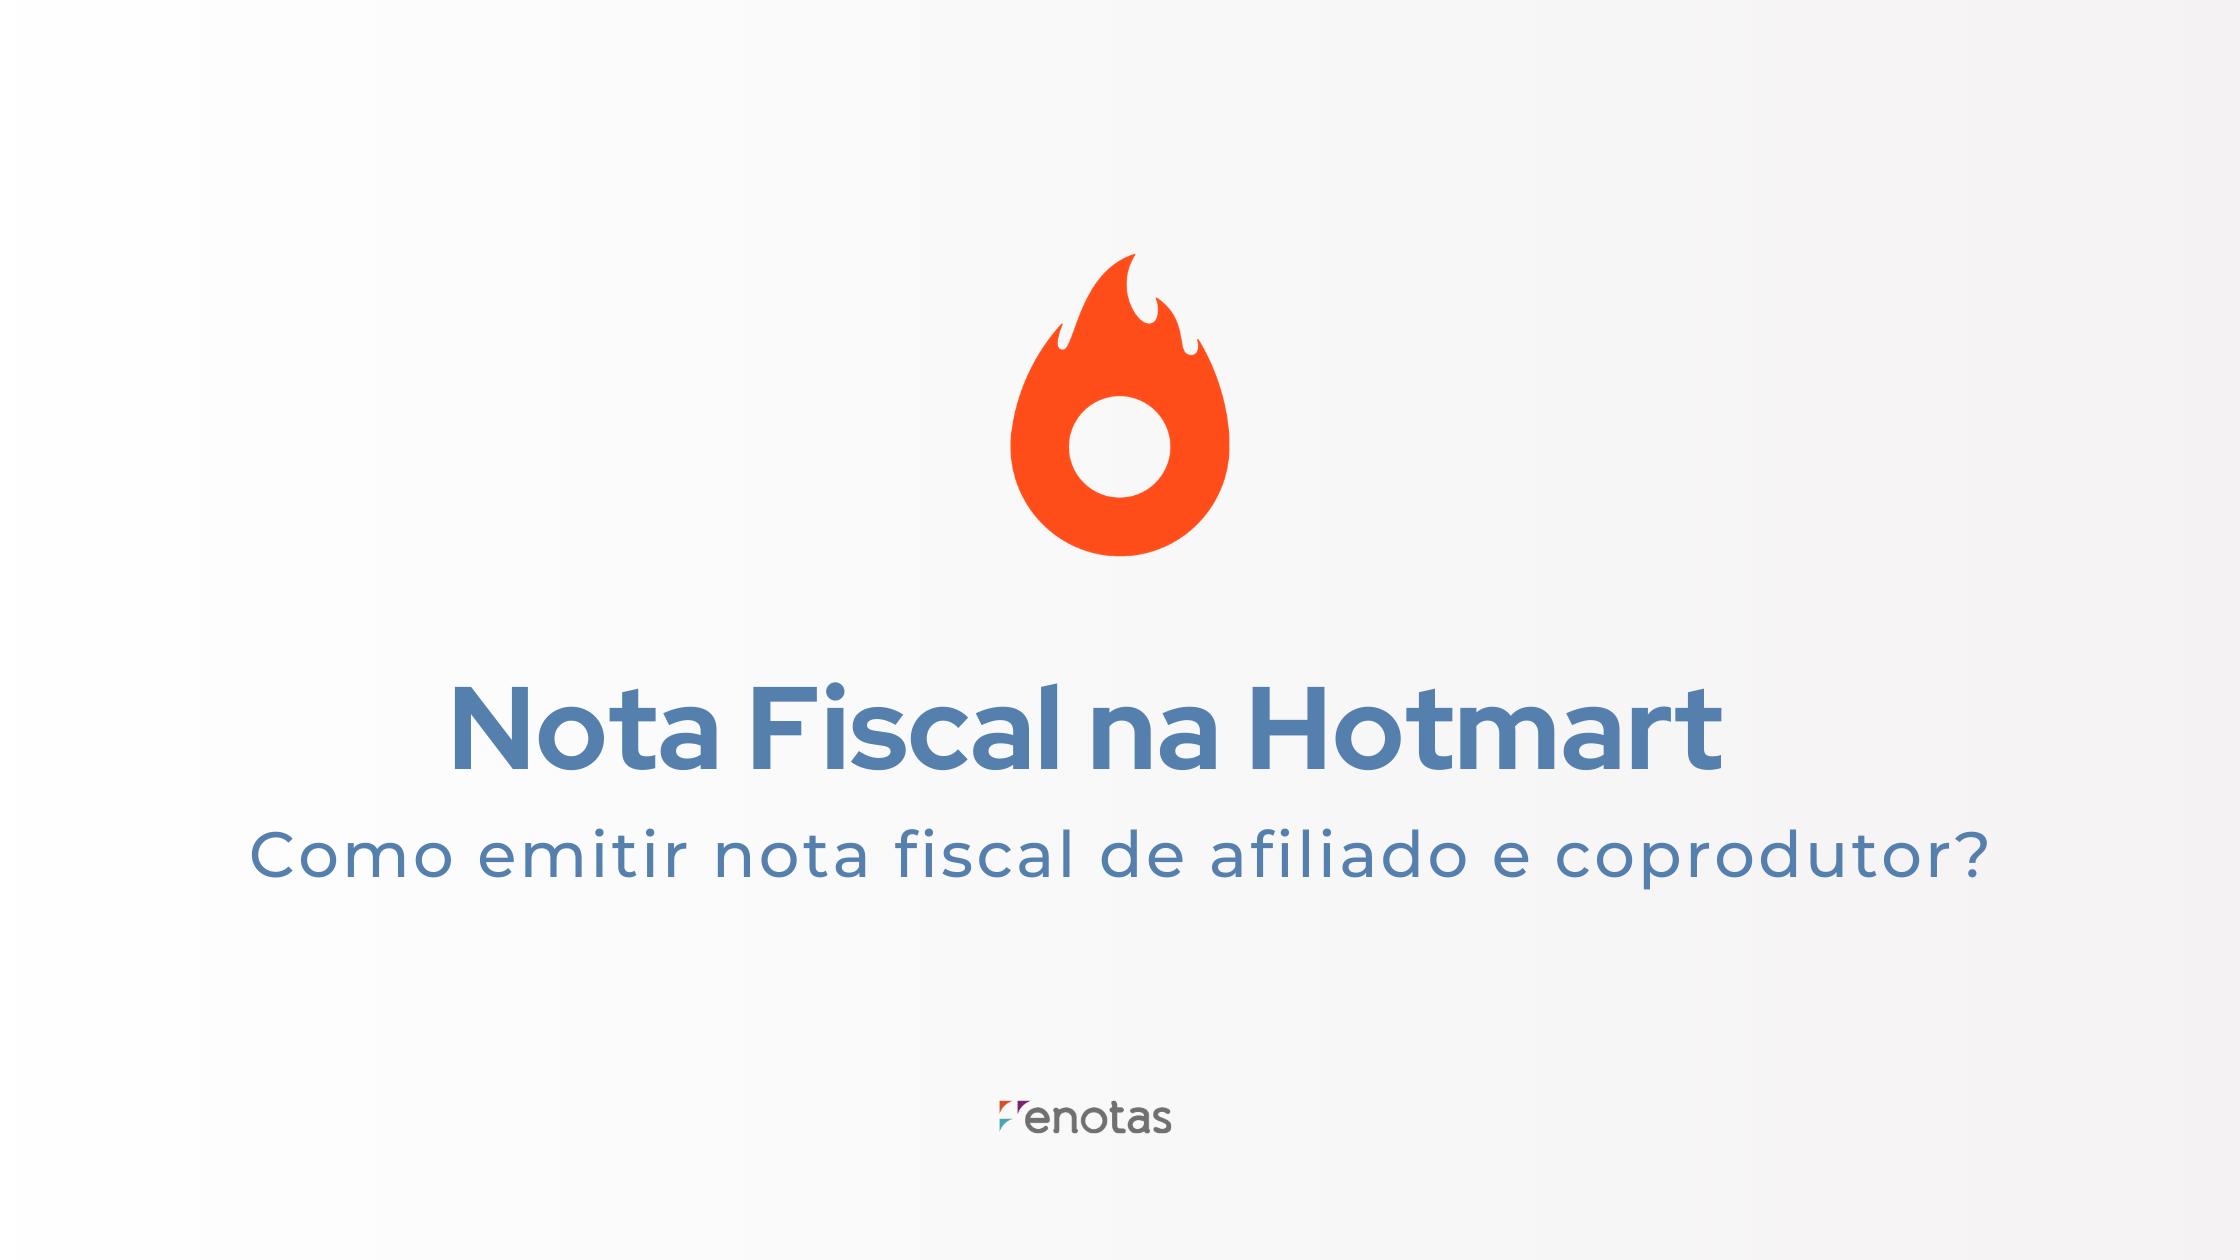 nota fiscal na hotmart